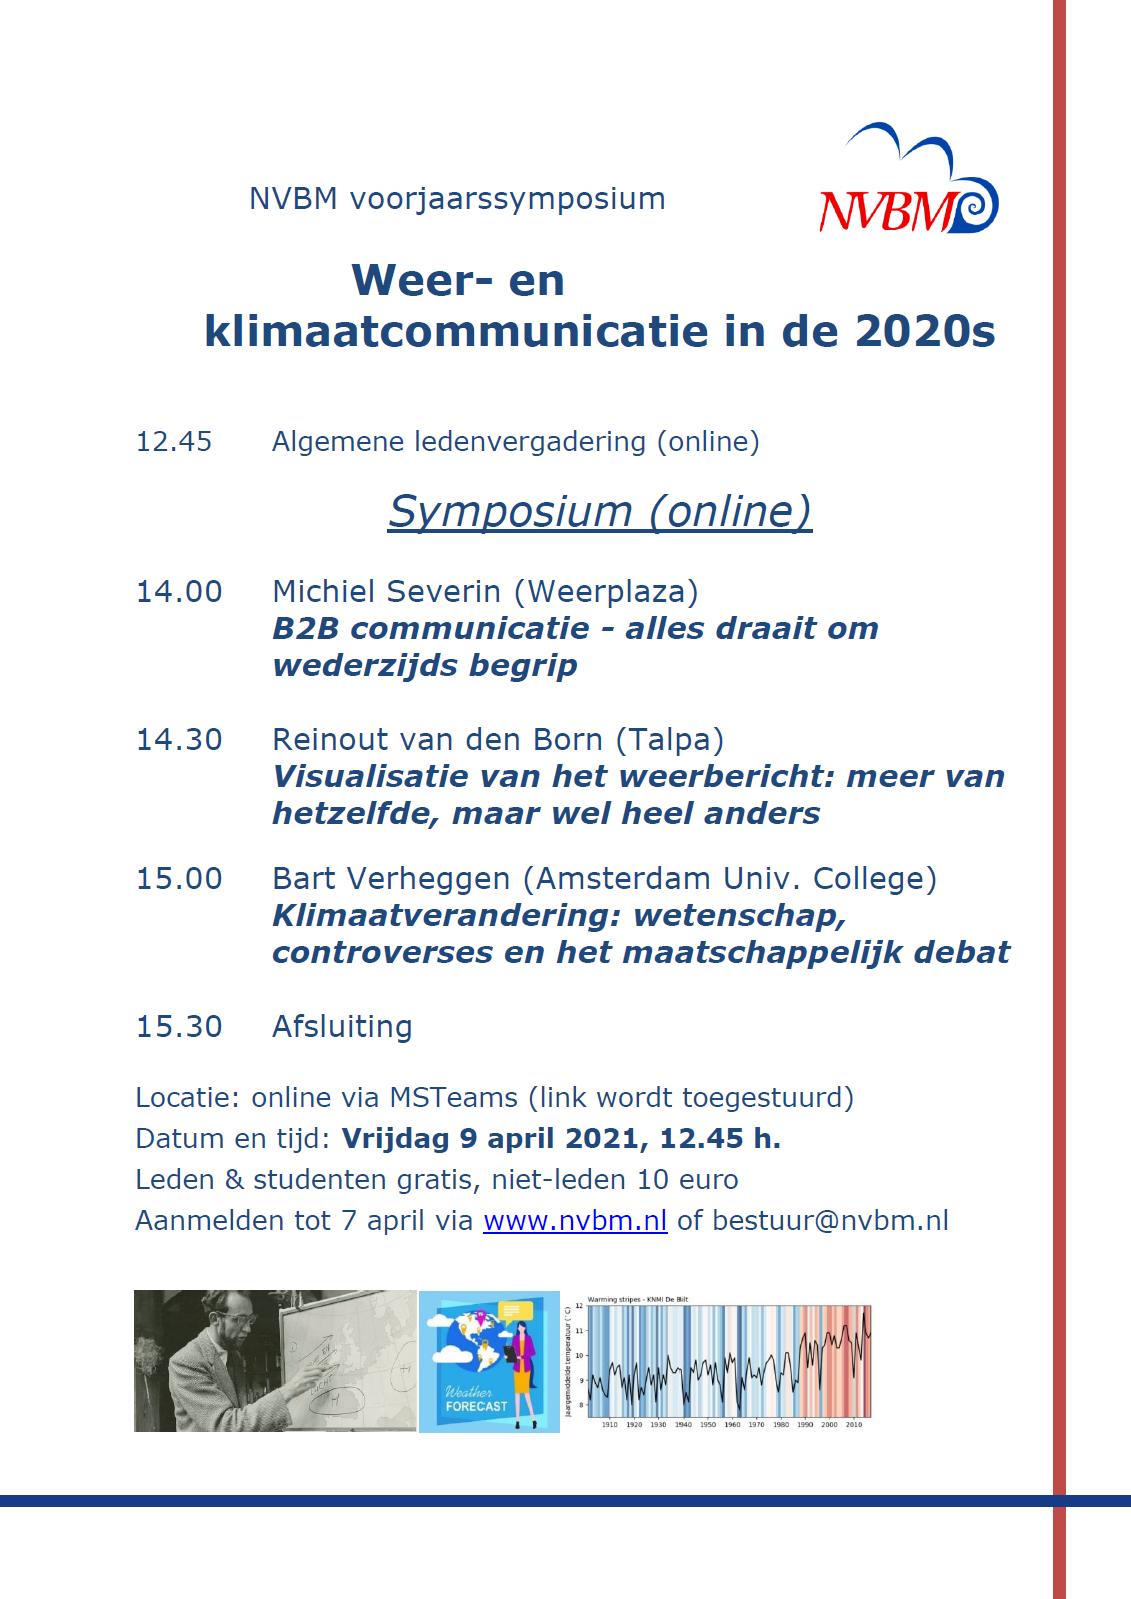 Voorjaarssymposium 9 april 2021: Weer- en klimaatcommunicatie in de 2020s